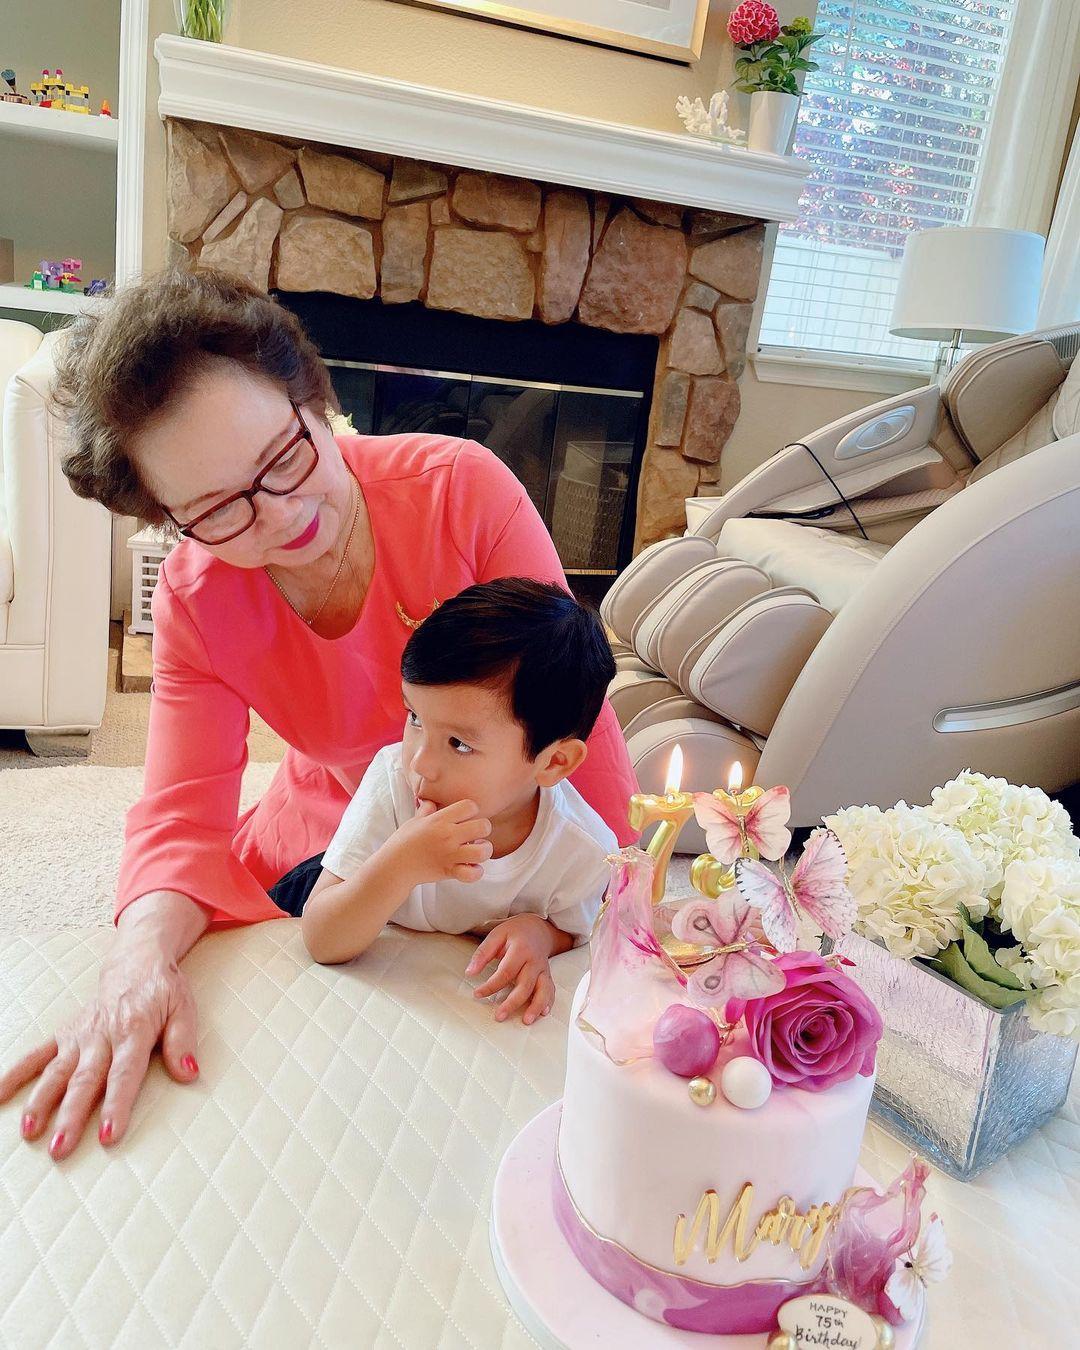 Phạm Hương lần đầu hé lộ chân dung mẹ chồng giàu có quyền lực, chỉ 1 khoảnh khắc là biết yêu chiều cháu nội cỡ nào - Ảnh 4.